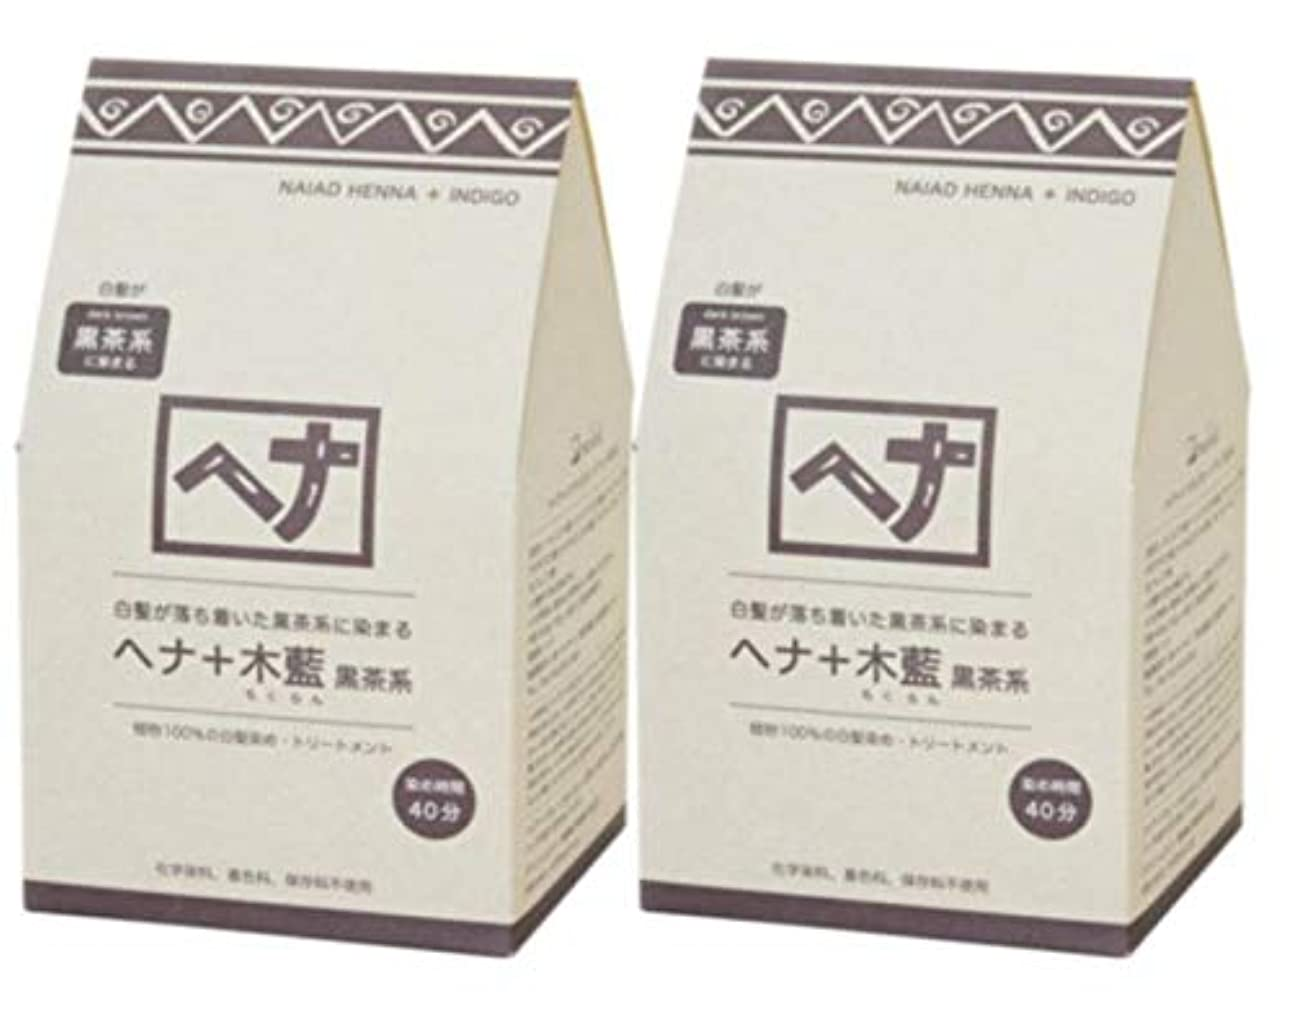 ロッカー敬意を表するしょっぱいNaiad(ナイアード) ヘナ+木藍 黒茶系 400g 2個セット